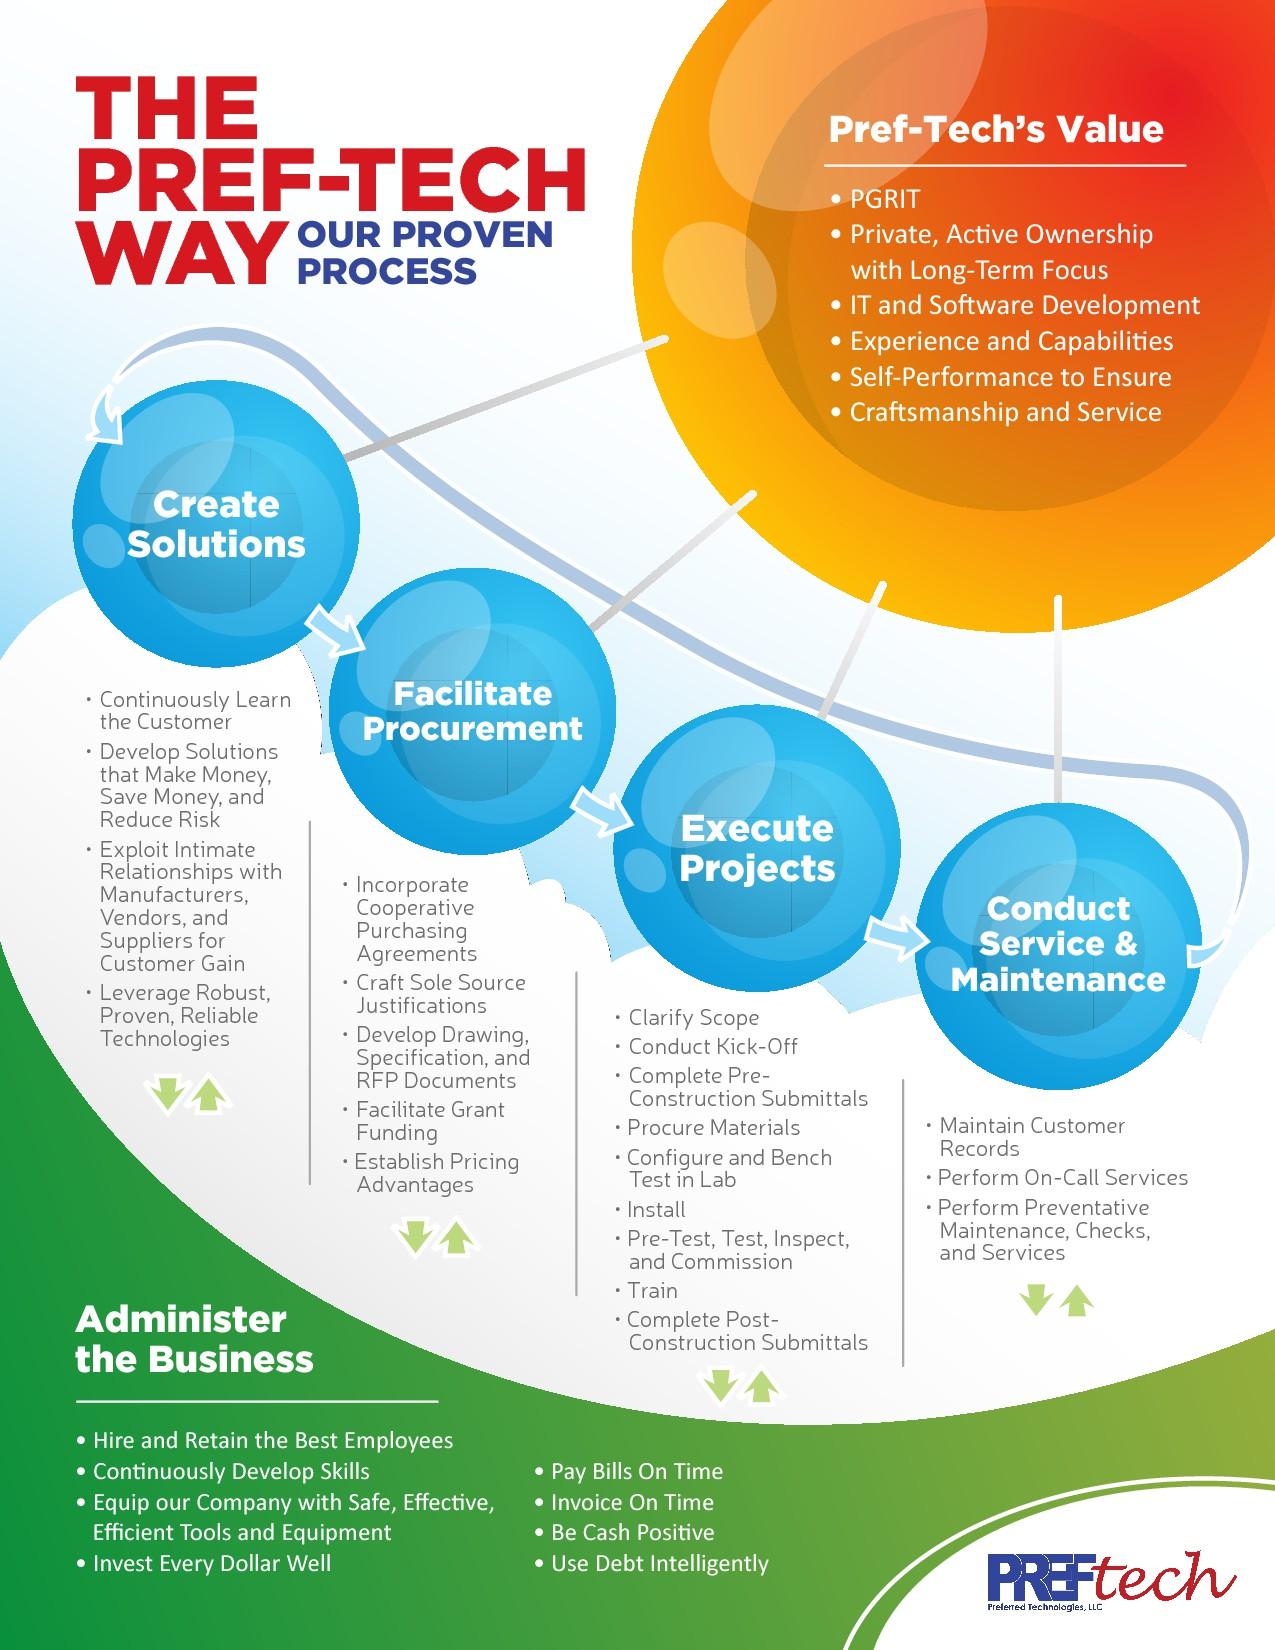 Create the Pref-Tech Proven Process Poster